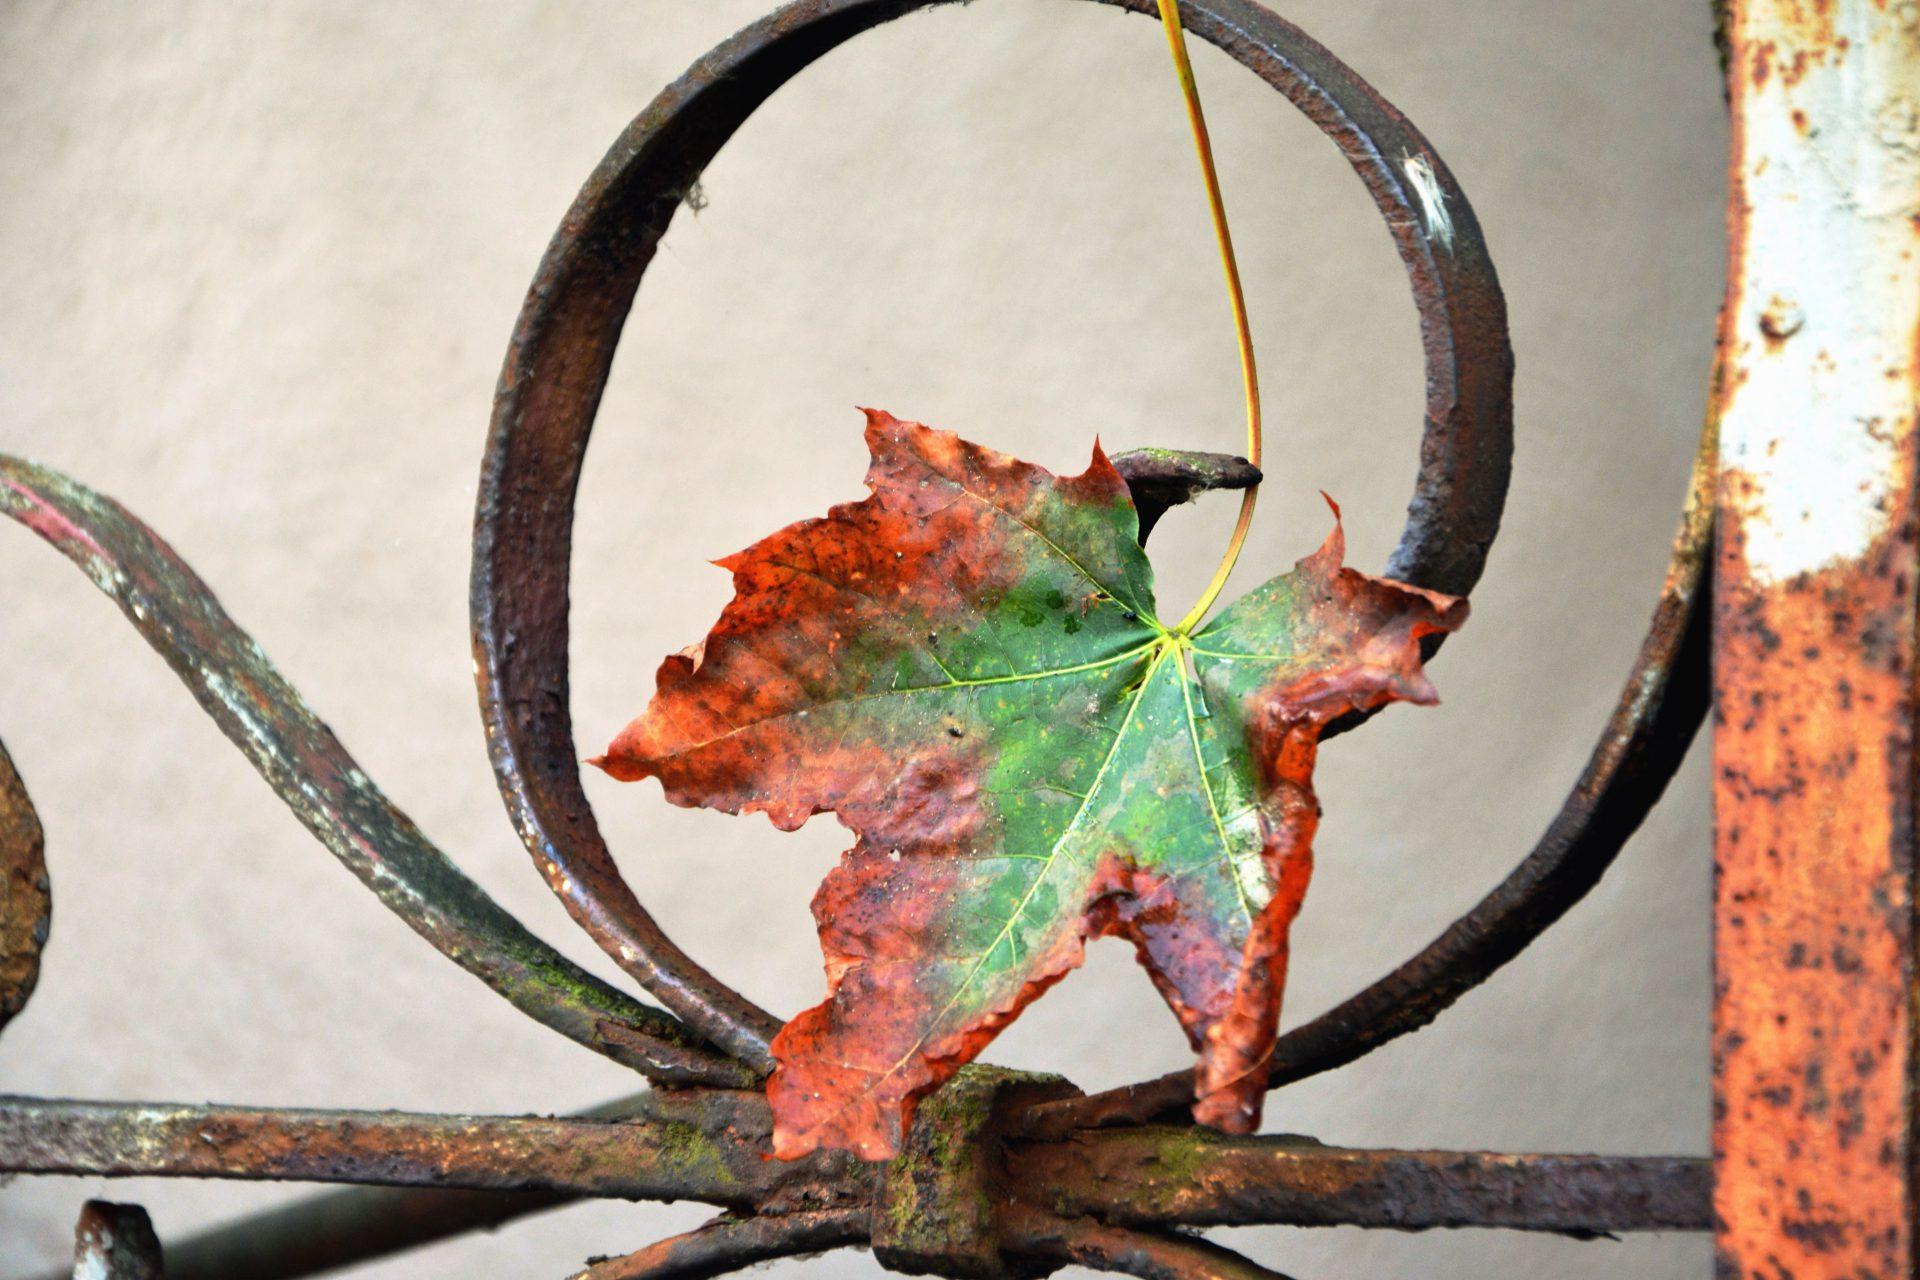 Herfst, verkoudheid, griep, weinig energie. Wat doe je er tegen?